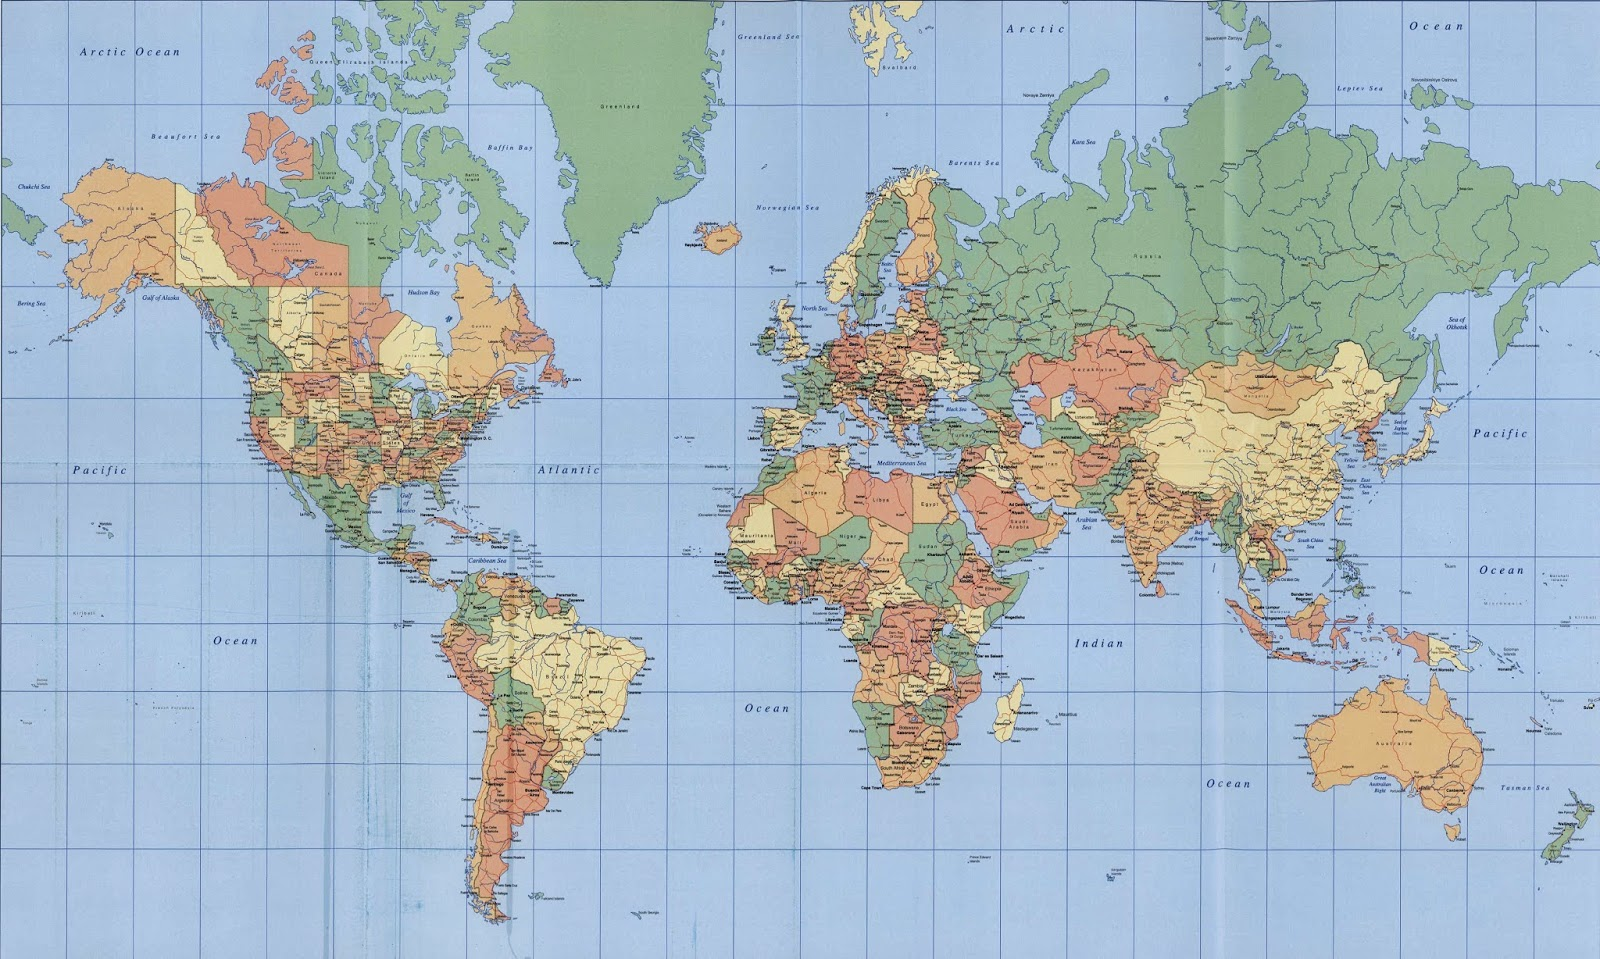 Koleksi Gambar Sketsa Peta Dunia Terbaru Repptu